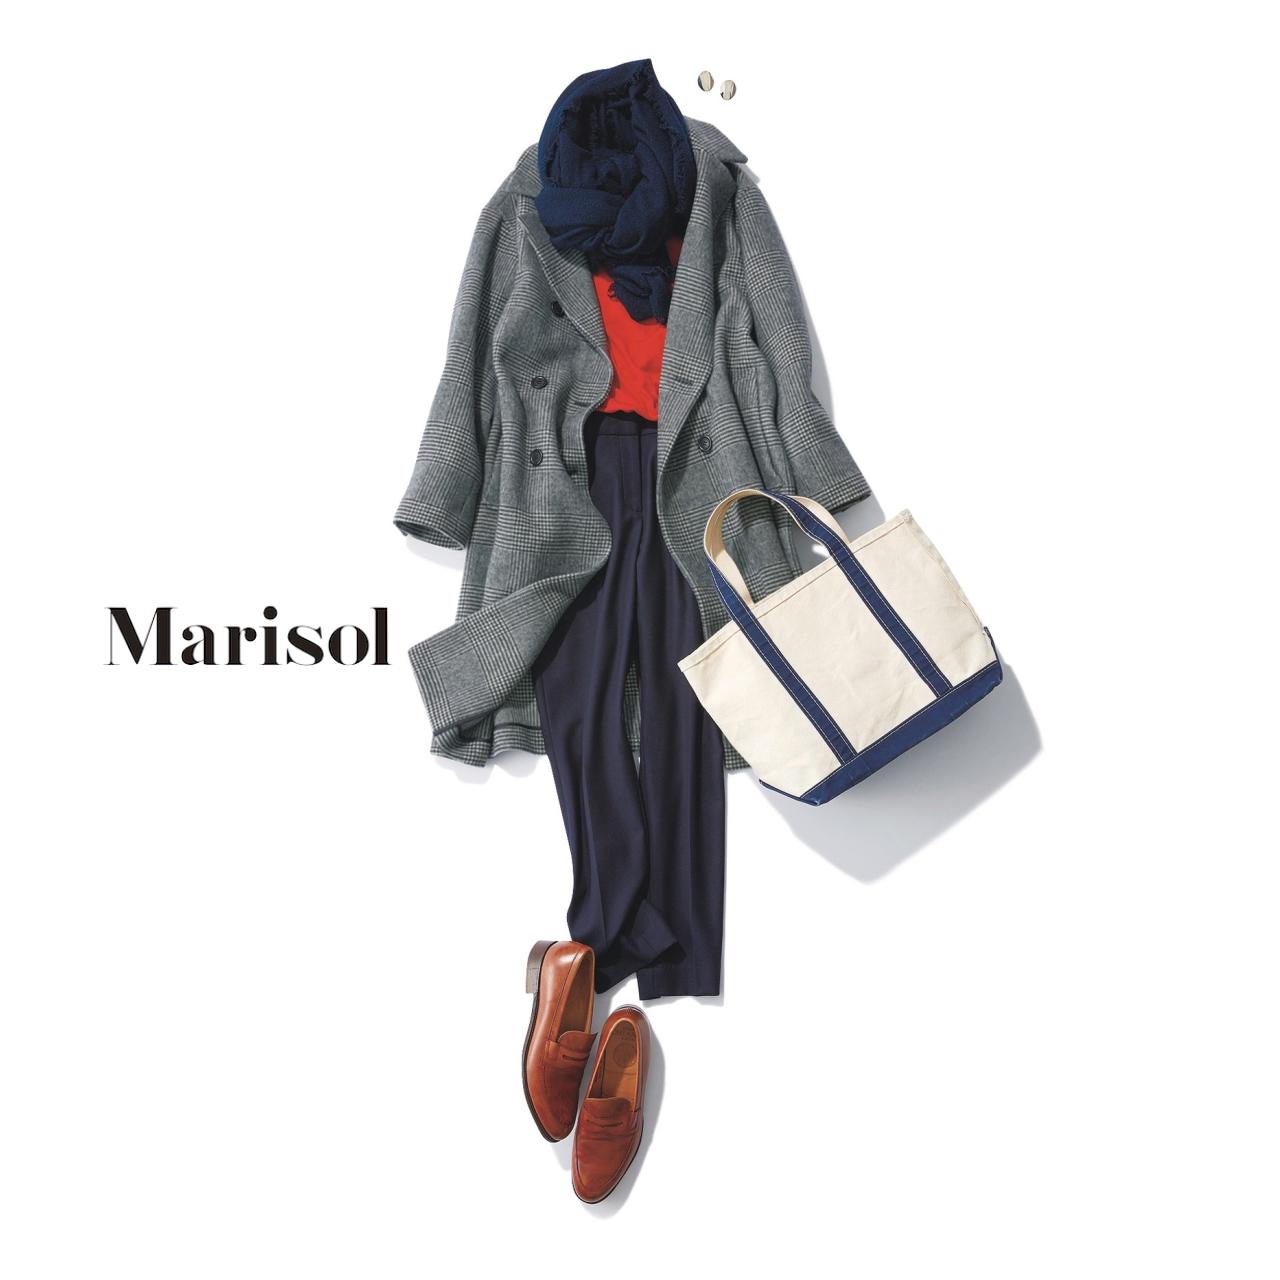 40代ファッション グレーチェック柄コート×黒パンツコーデ